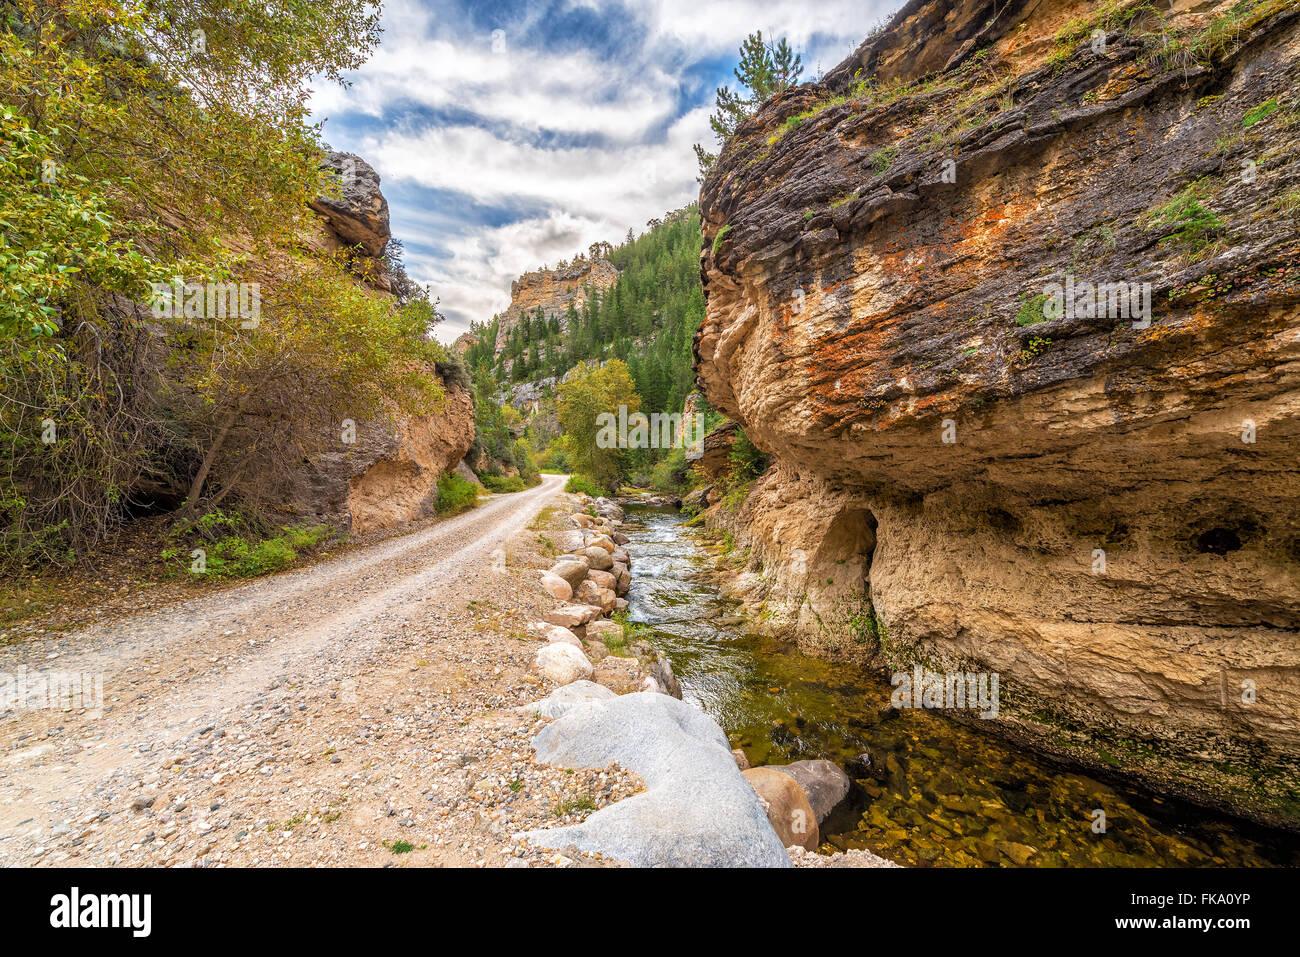 Route à travers Folle Canyon dans la Forêt Nationale De Bighorn près de Buffalo, Wyoming Photo Stock